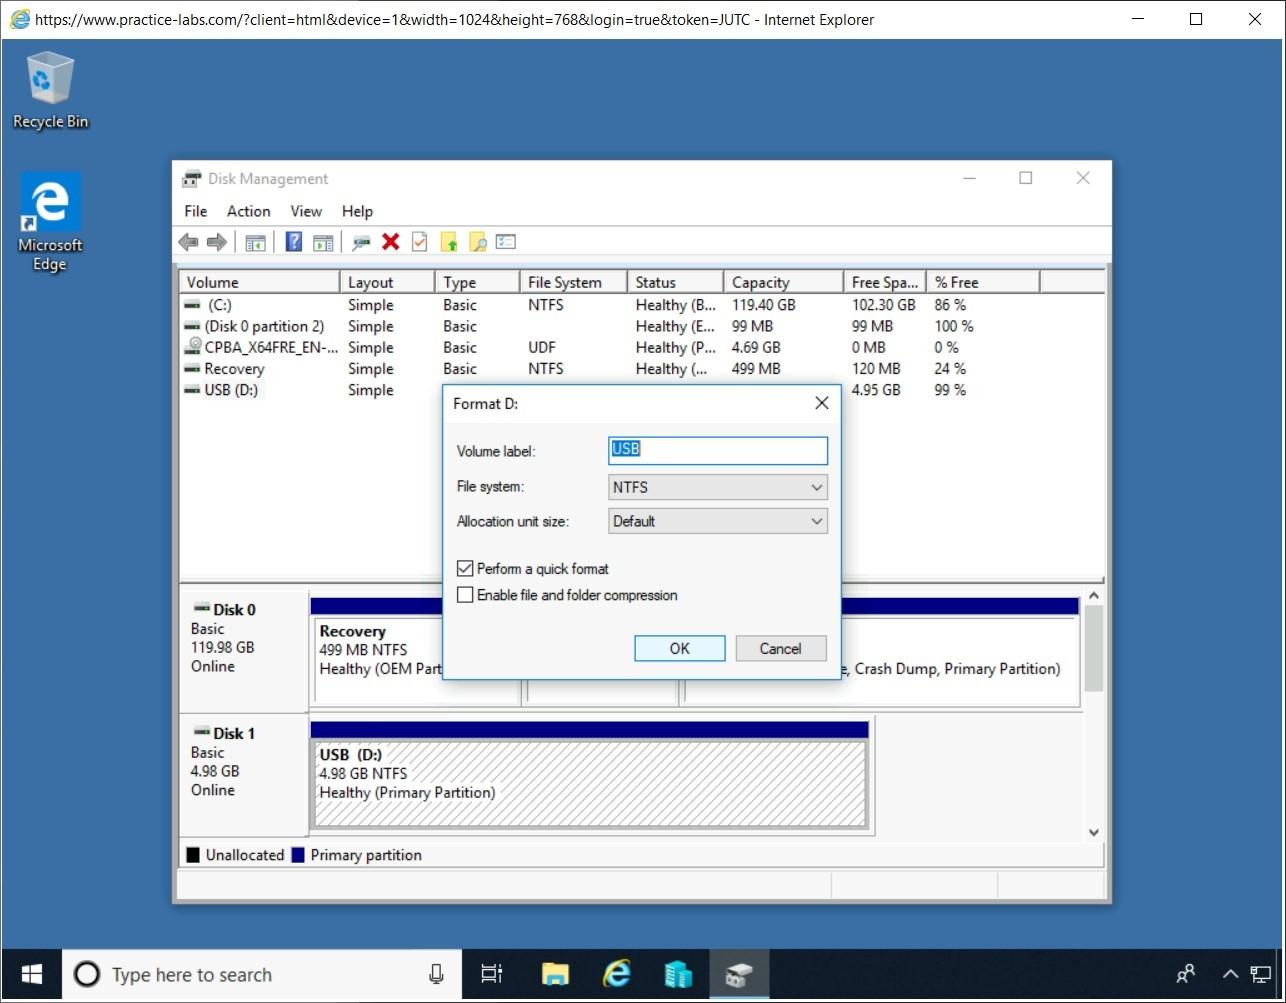 Hình 1.4 Ảnh chụp màn hình PLABWIN10